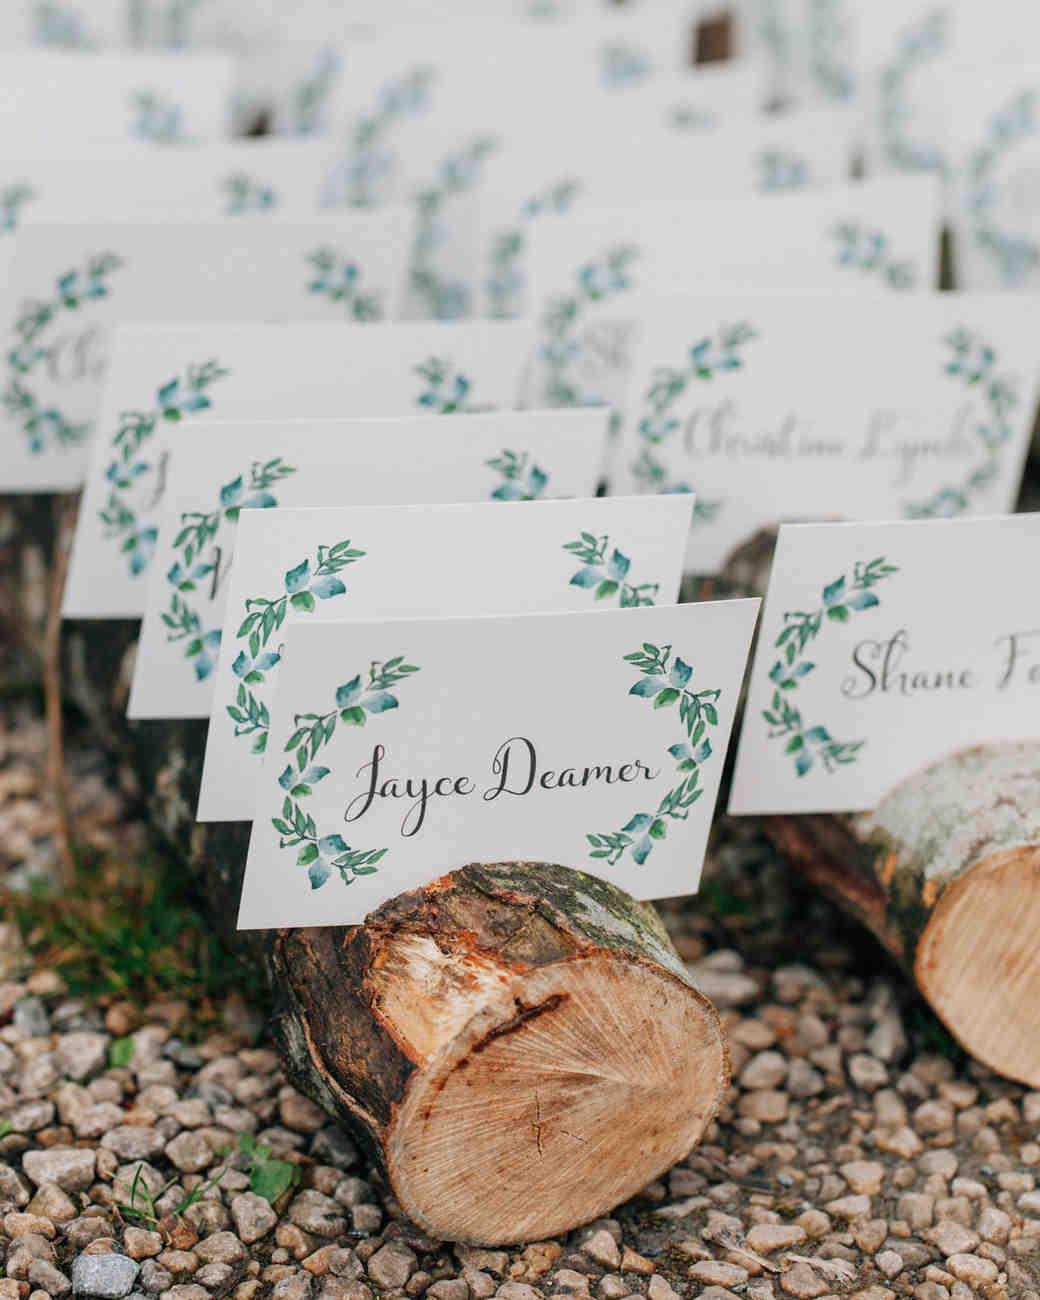 Rustic Fall Wedding Favor Ideas: 26 Rustic Wedding Ideas That Still Feel Elevated